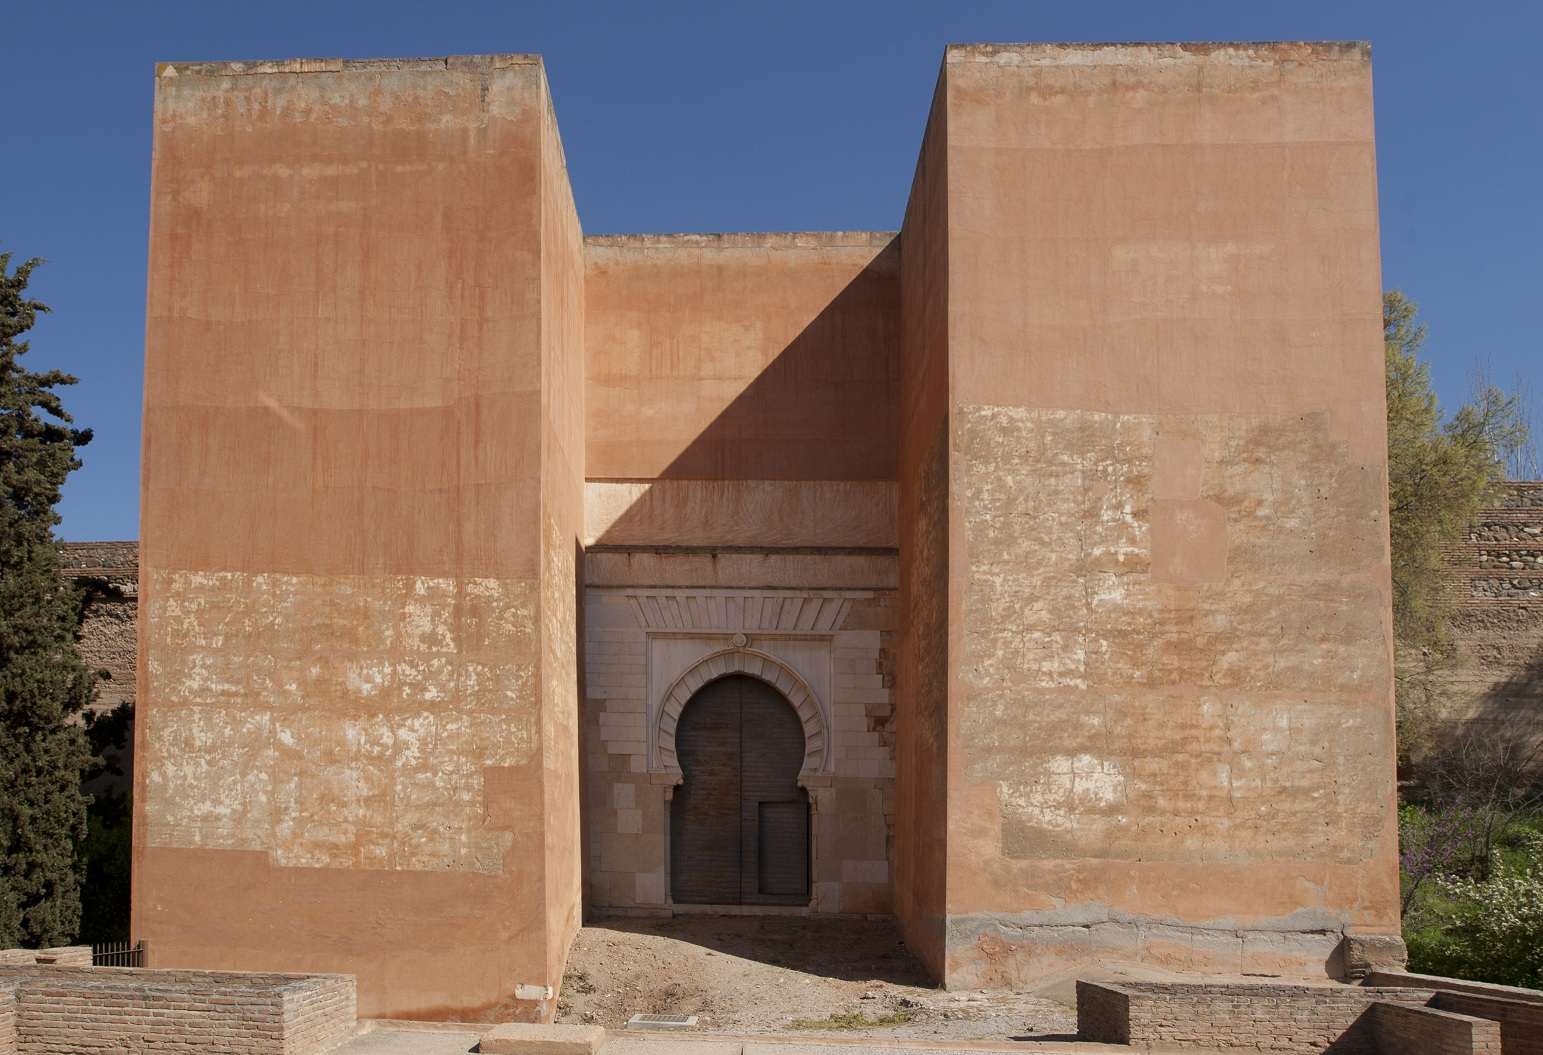 La Alhambra abre al público la enigmática Puerta de los Siete Suelos